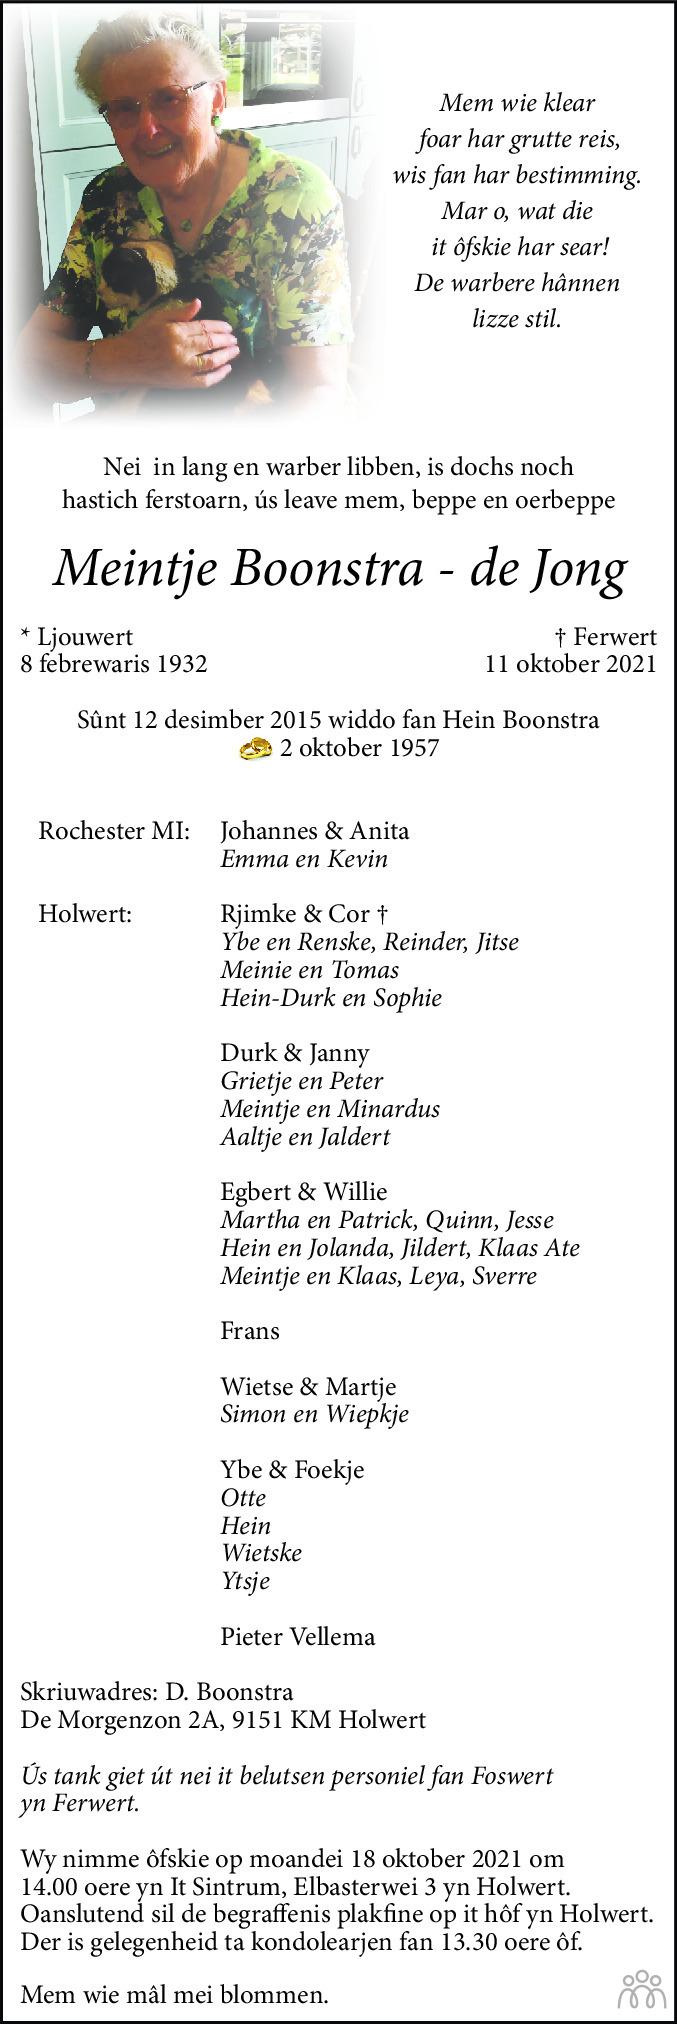 Overlijdensbericht van Meintje Boonstra-de Jong in Leeuwarder Courant